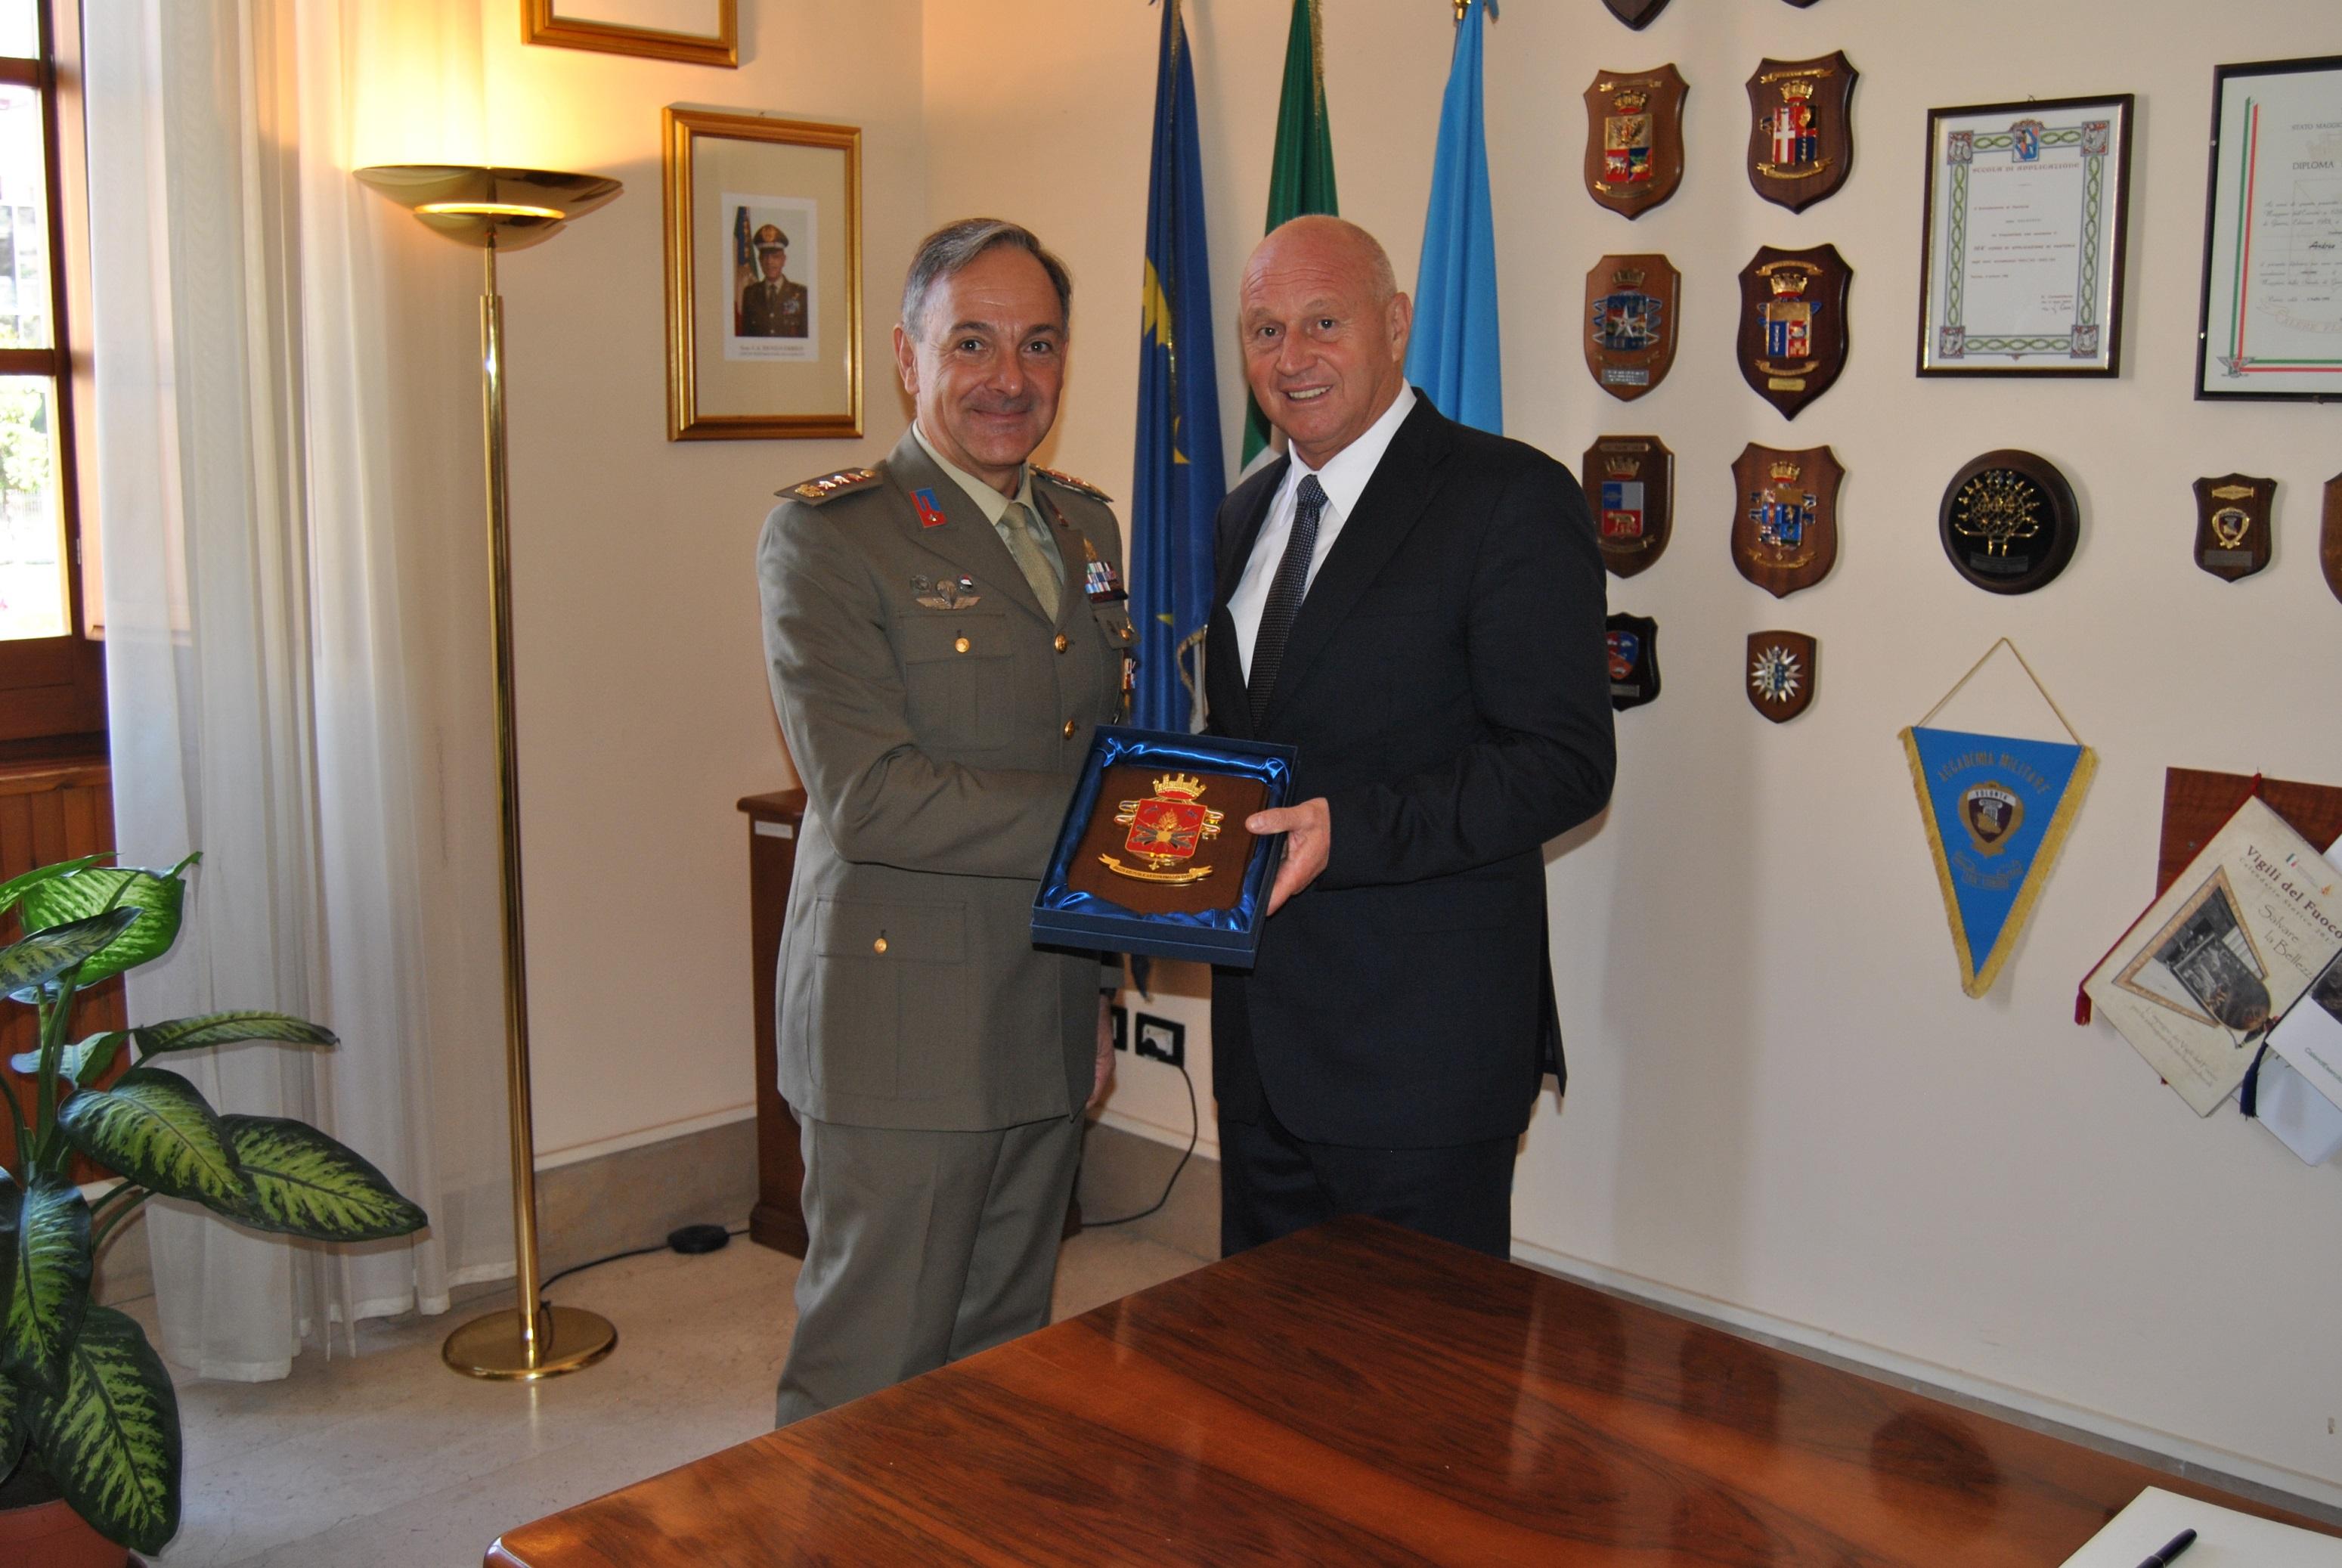 Il sindaco di Campobasso in visita presso la caserma Pepe dell'esercito